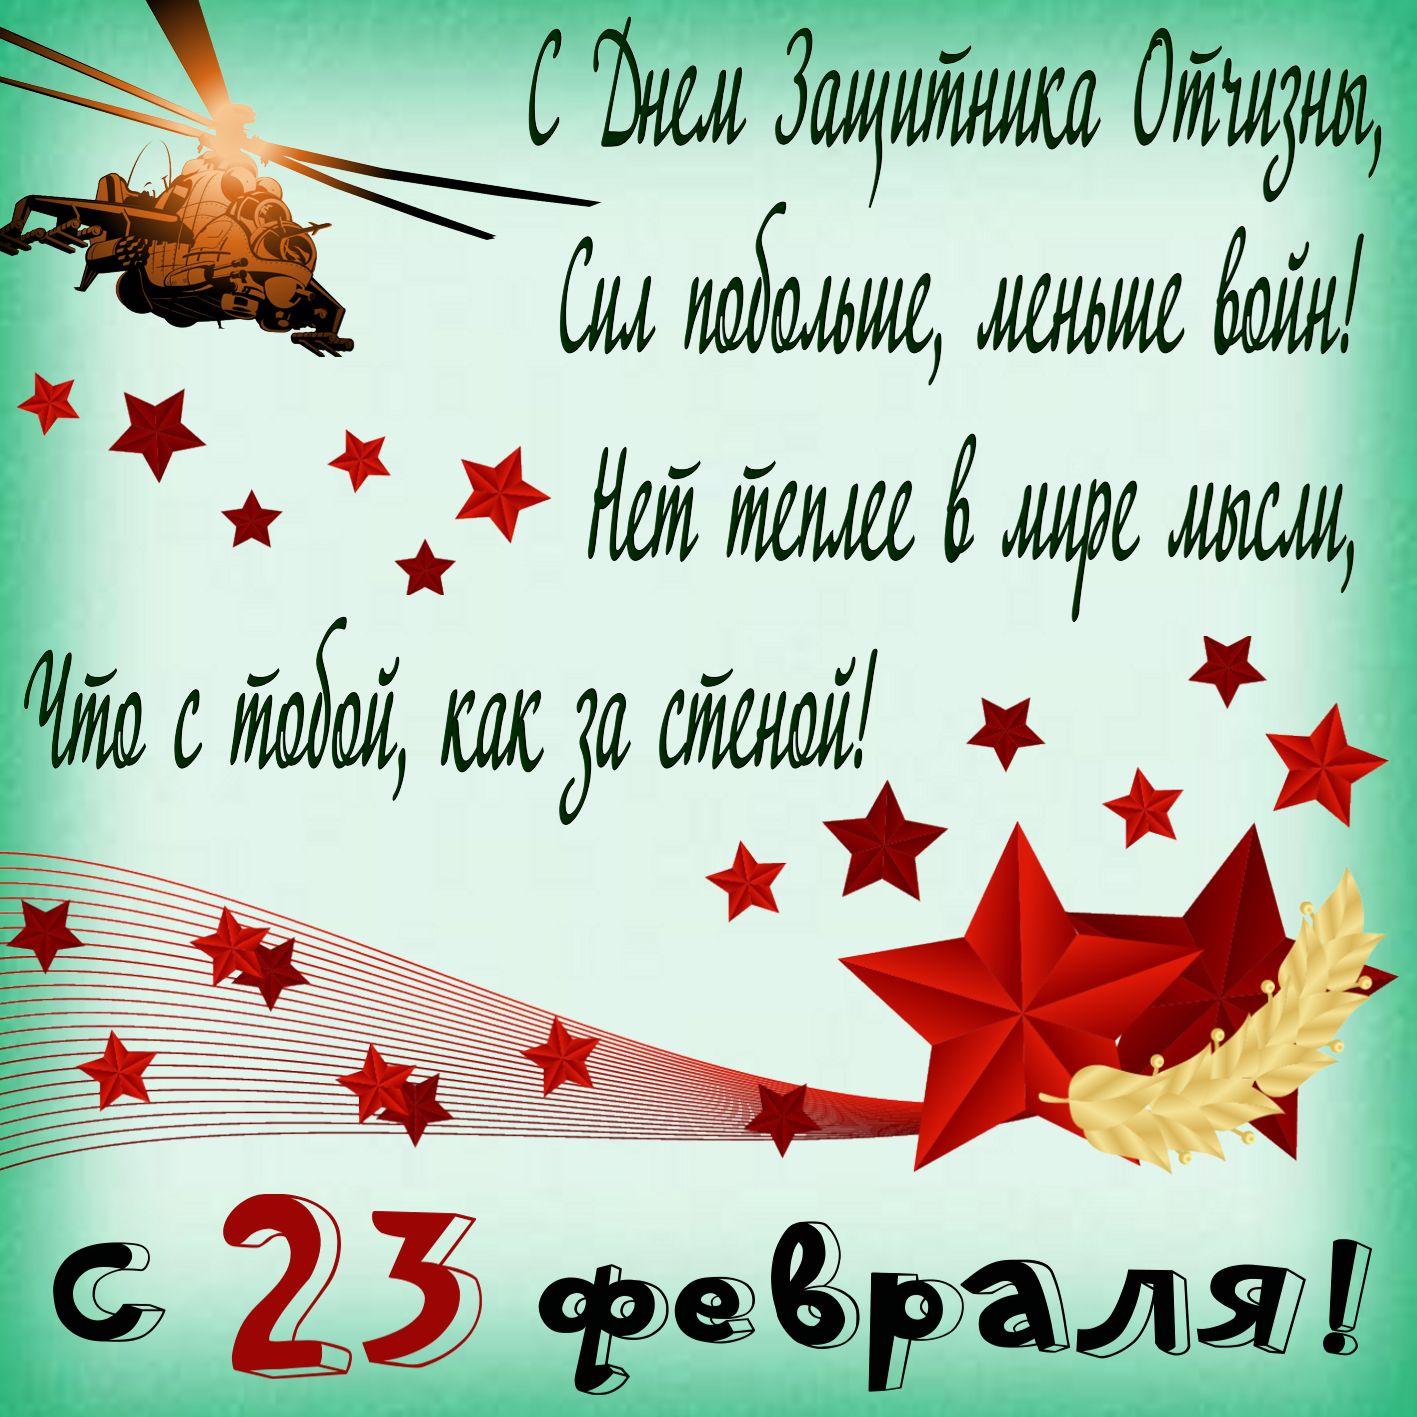 krasivye-otkrytki-kartinki-s-23-fevralya-dnjom-zashhitnika-otechestva-chast-1-aya-13.jpg